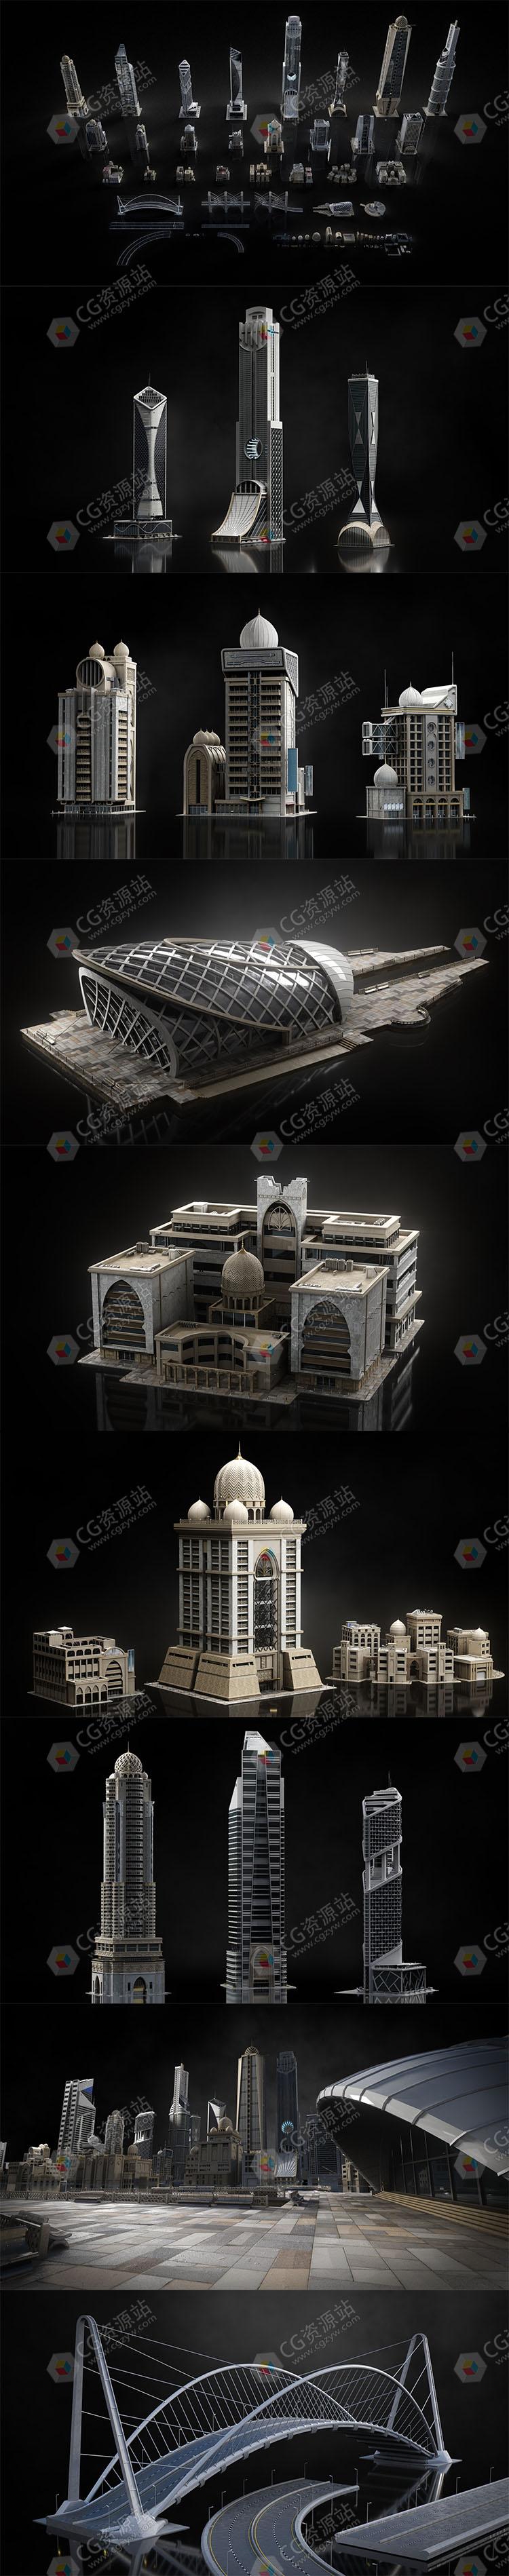 迪拜庞大塔楼城市建筑楼房公共交通设施3D模型